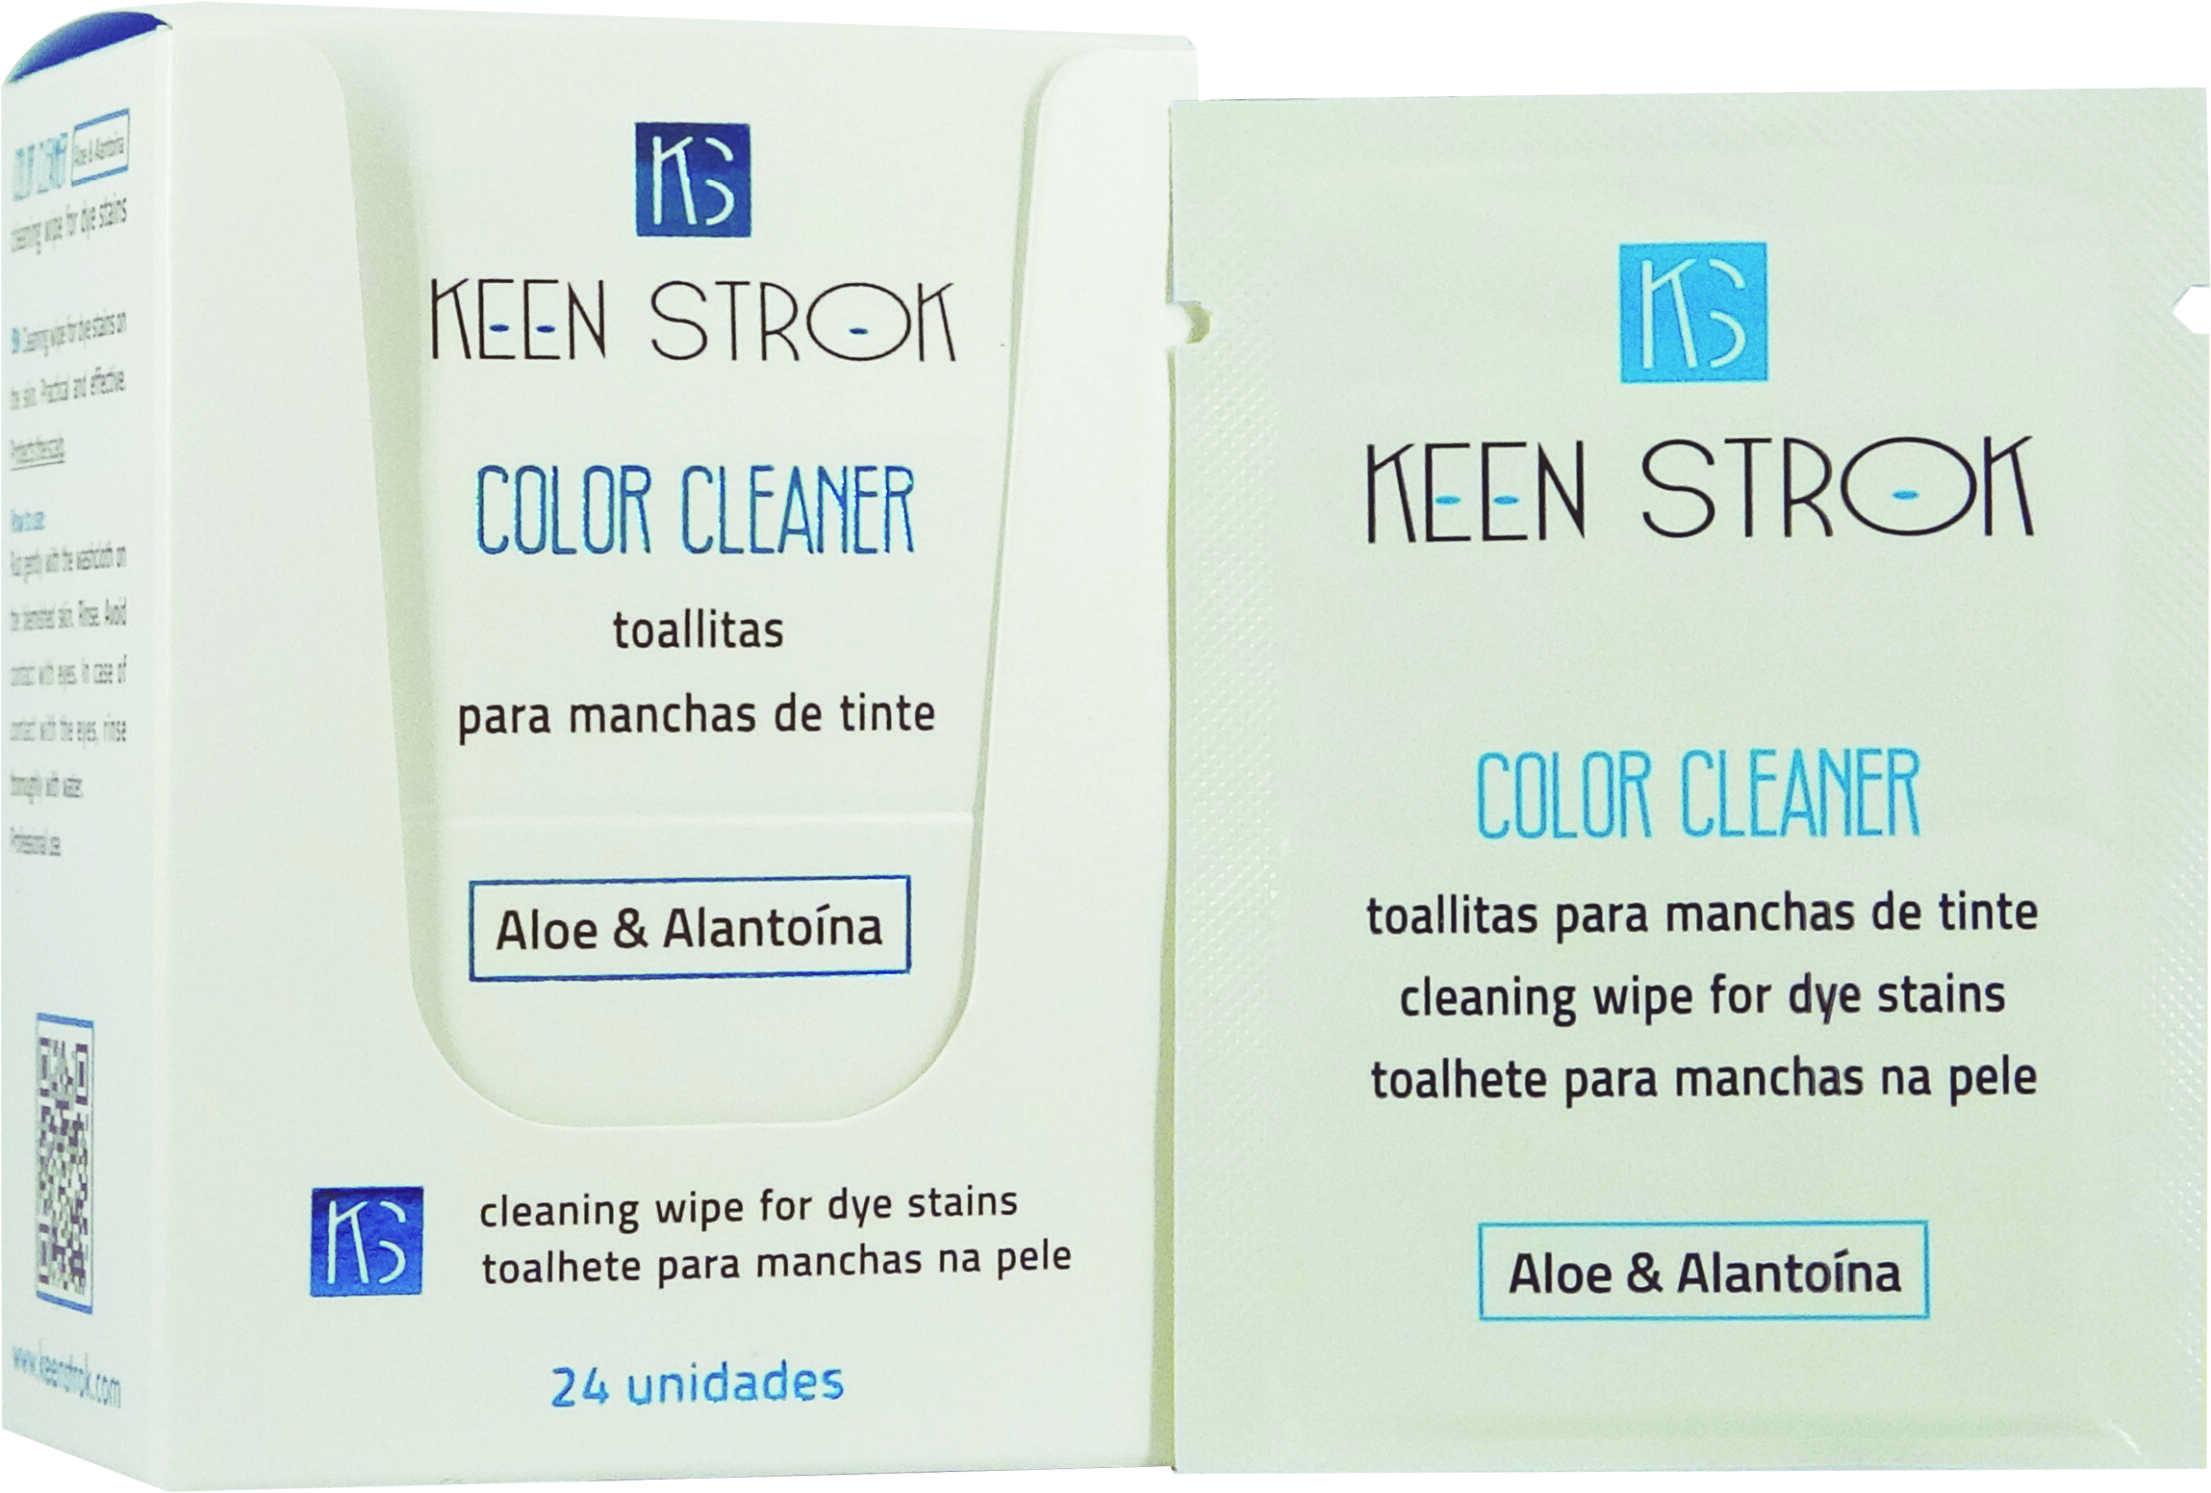 Keen Strok Color Cleaner Wipes - čistiace obrúsky na pokožku po farbení, 24 ks / bal